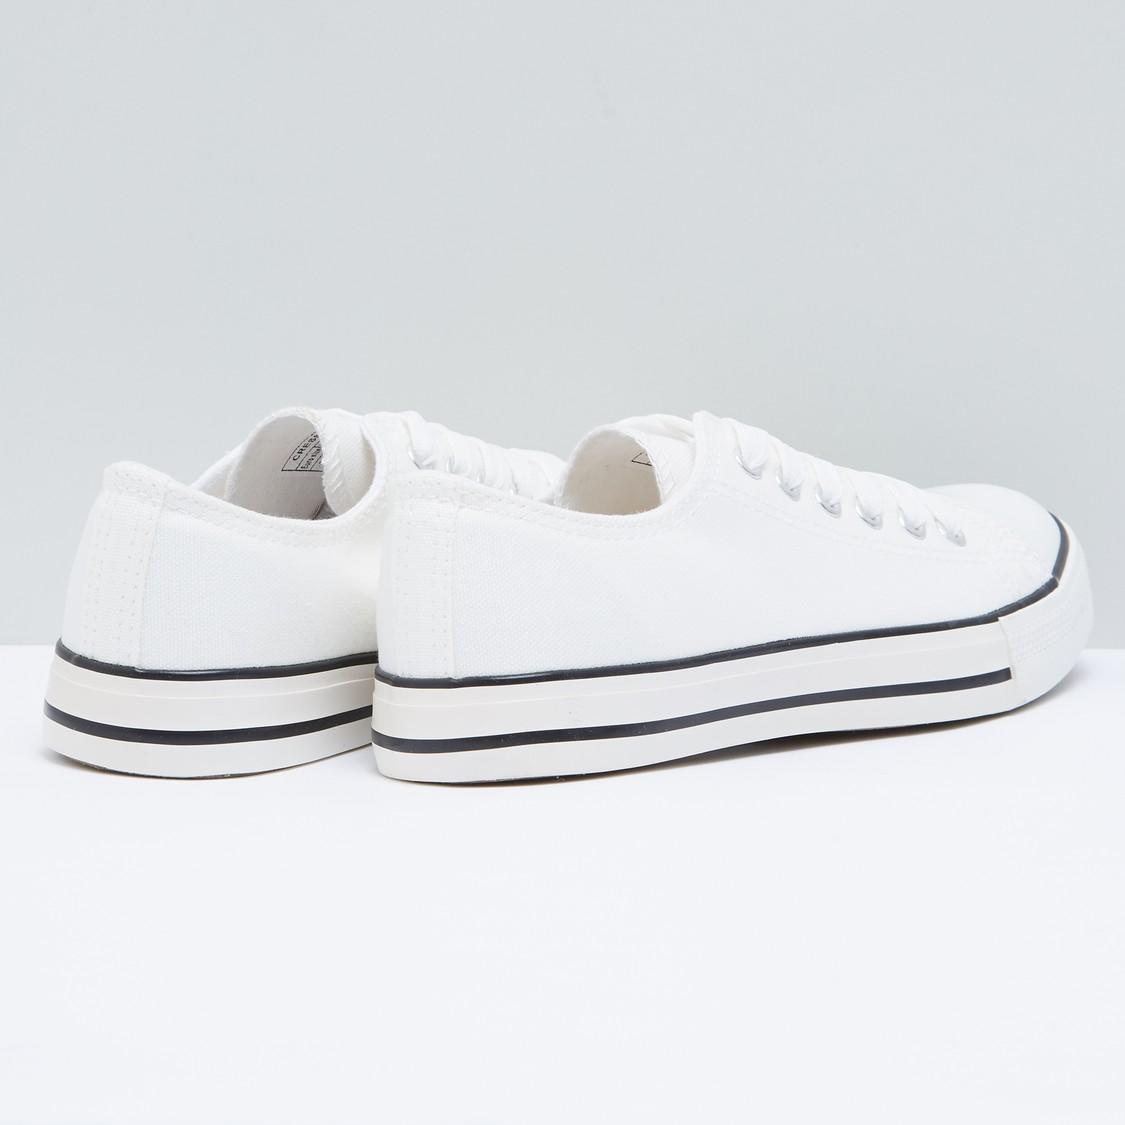 Lace-Up Canvas Shoes